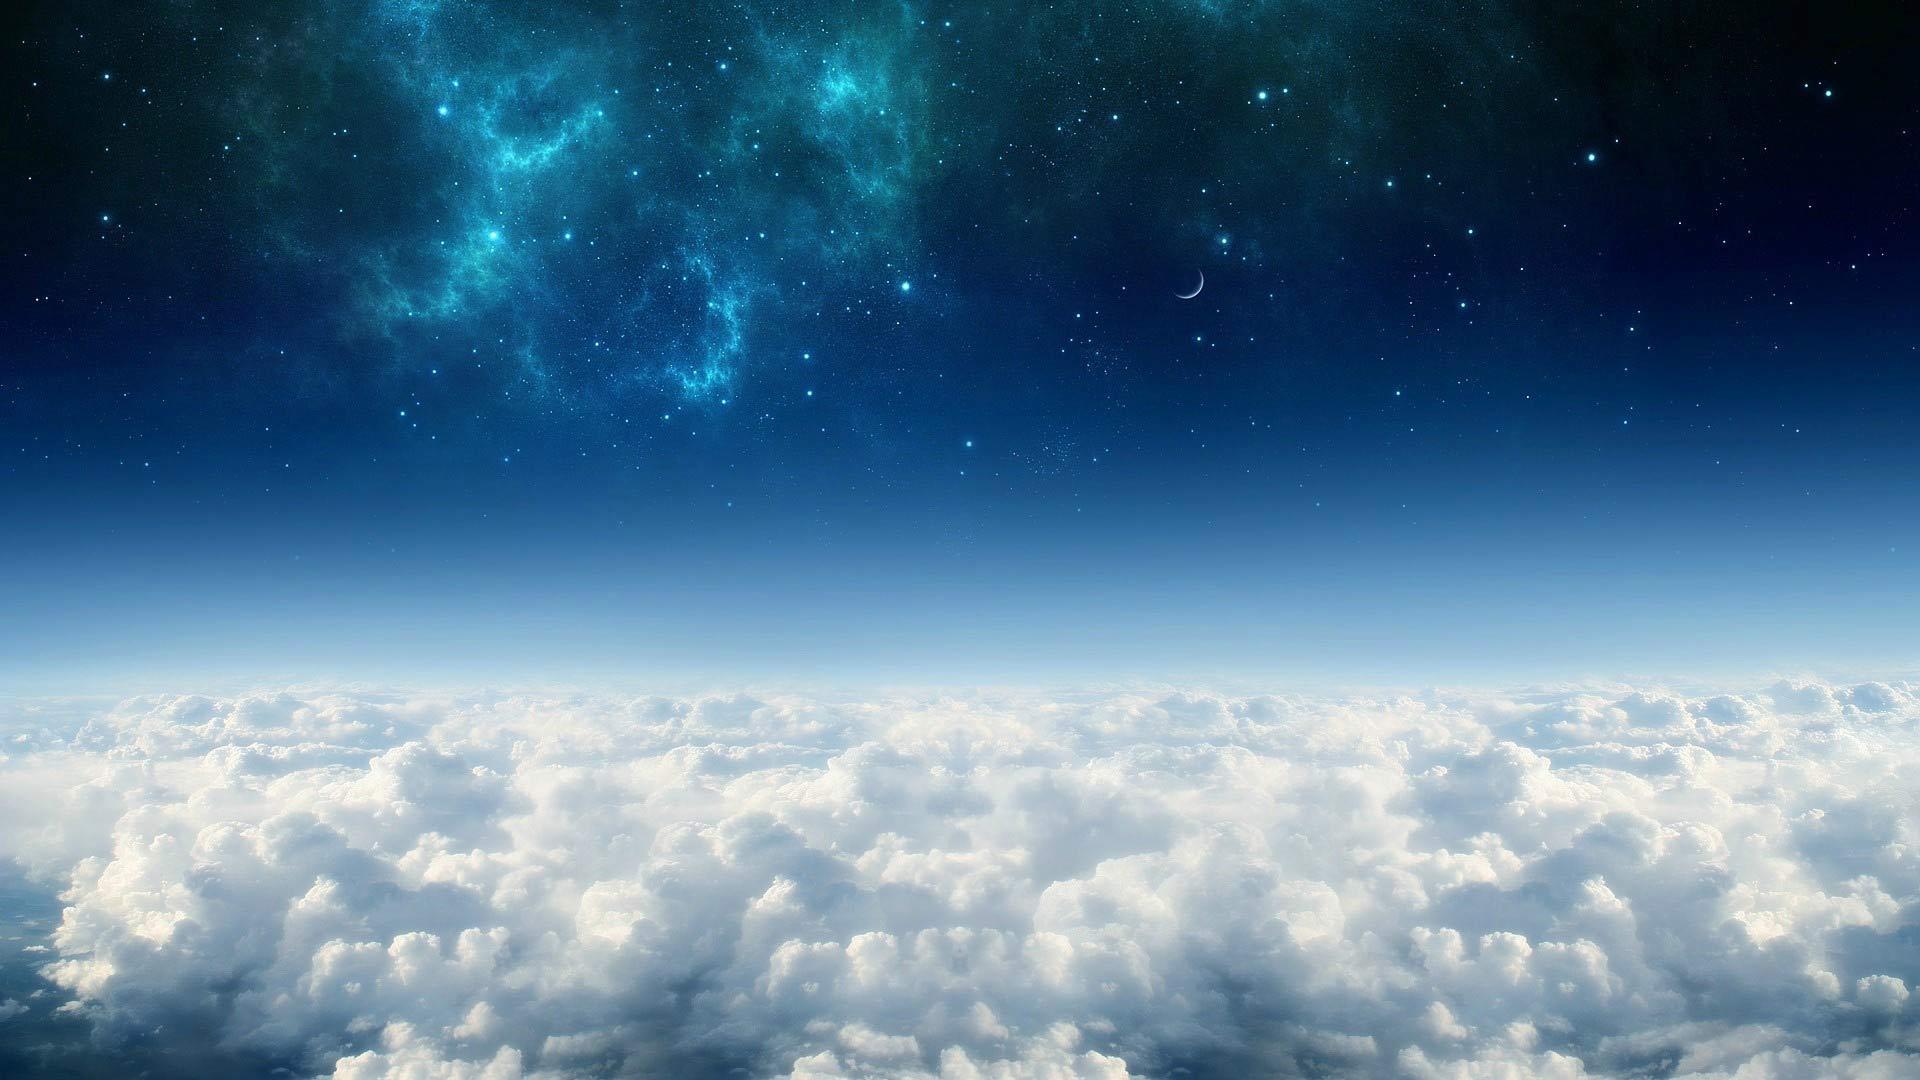 Papel De Parede C 233 U Estrelado Com Nuvens Papel De Parede